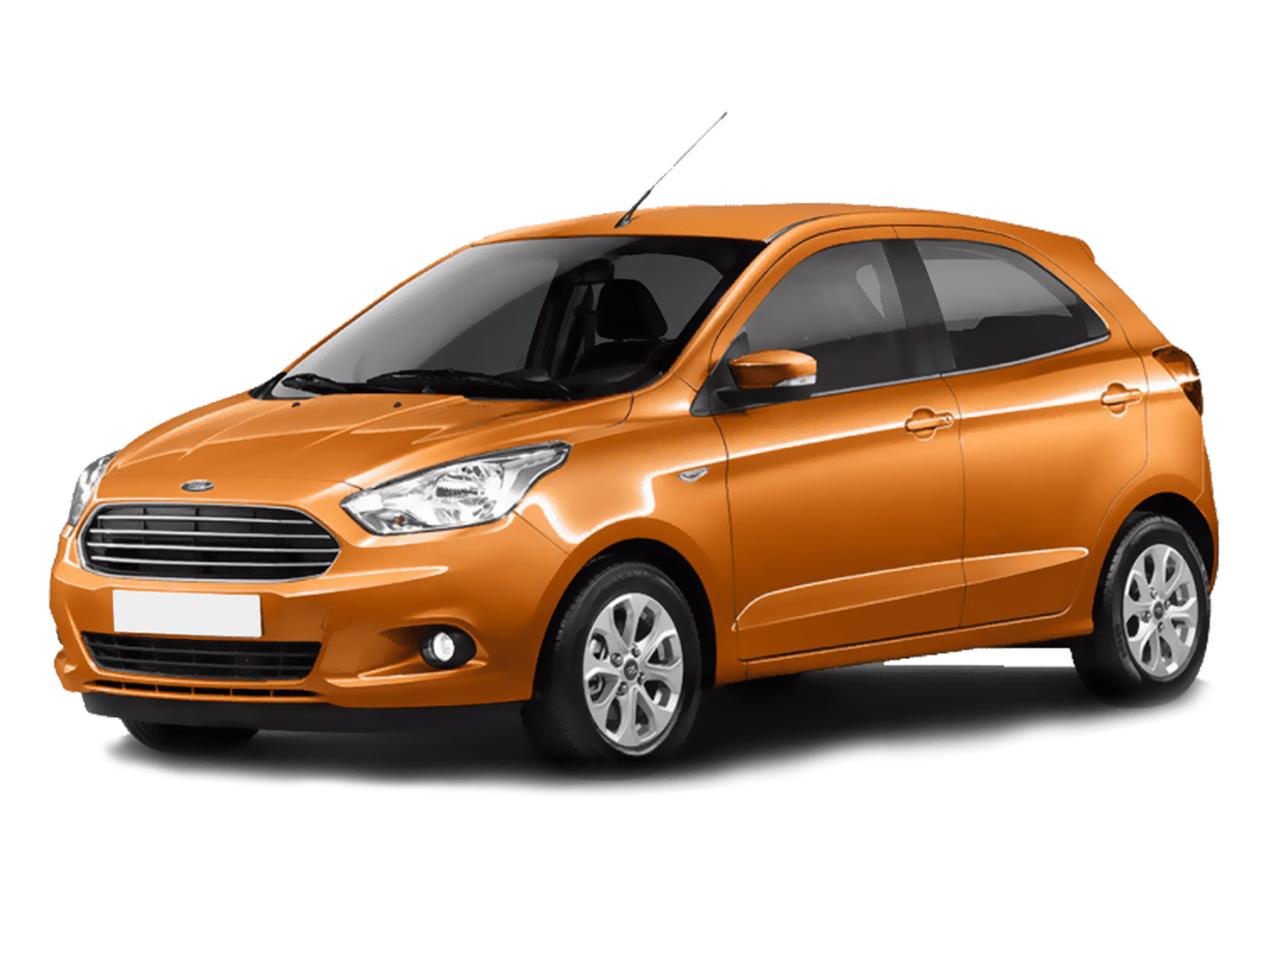 Ford Figo 2018 Bahrain